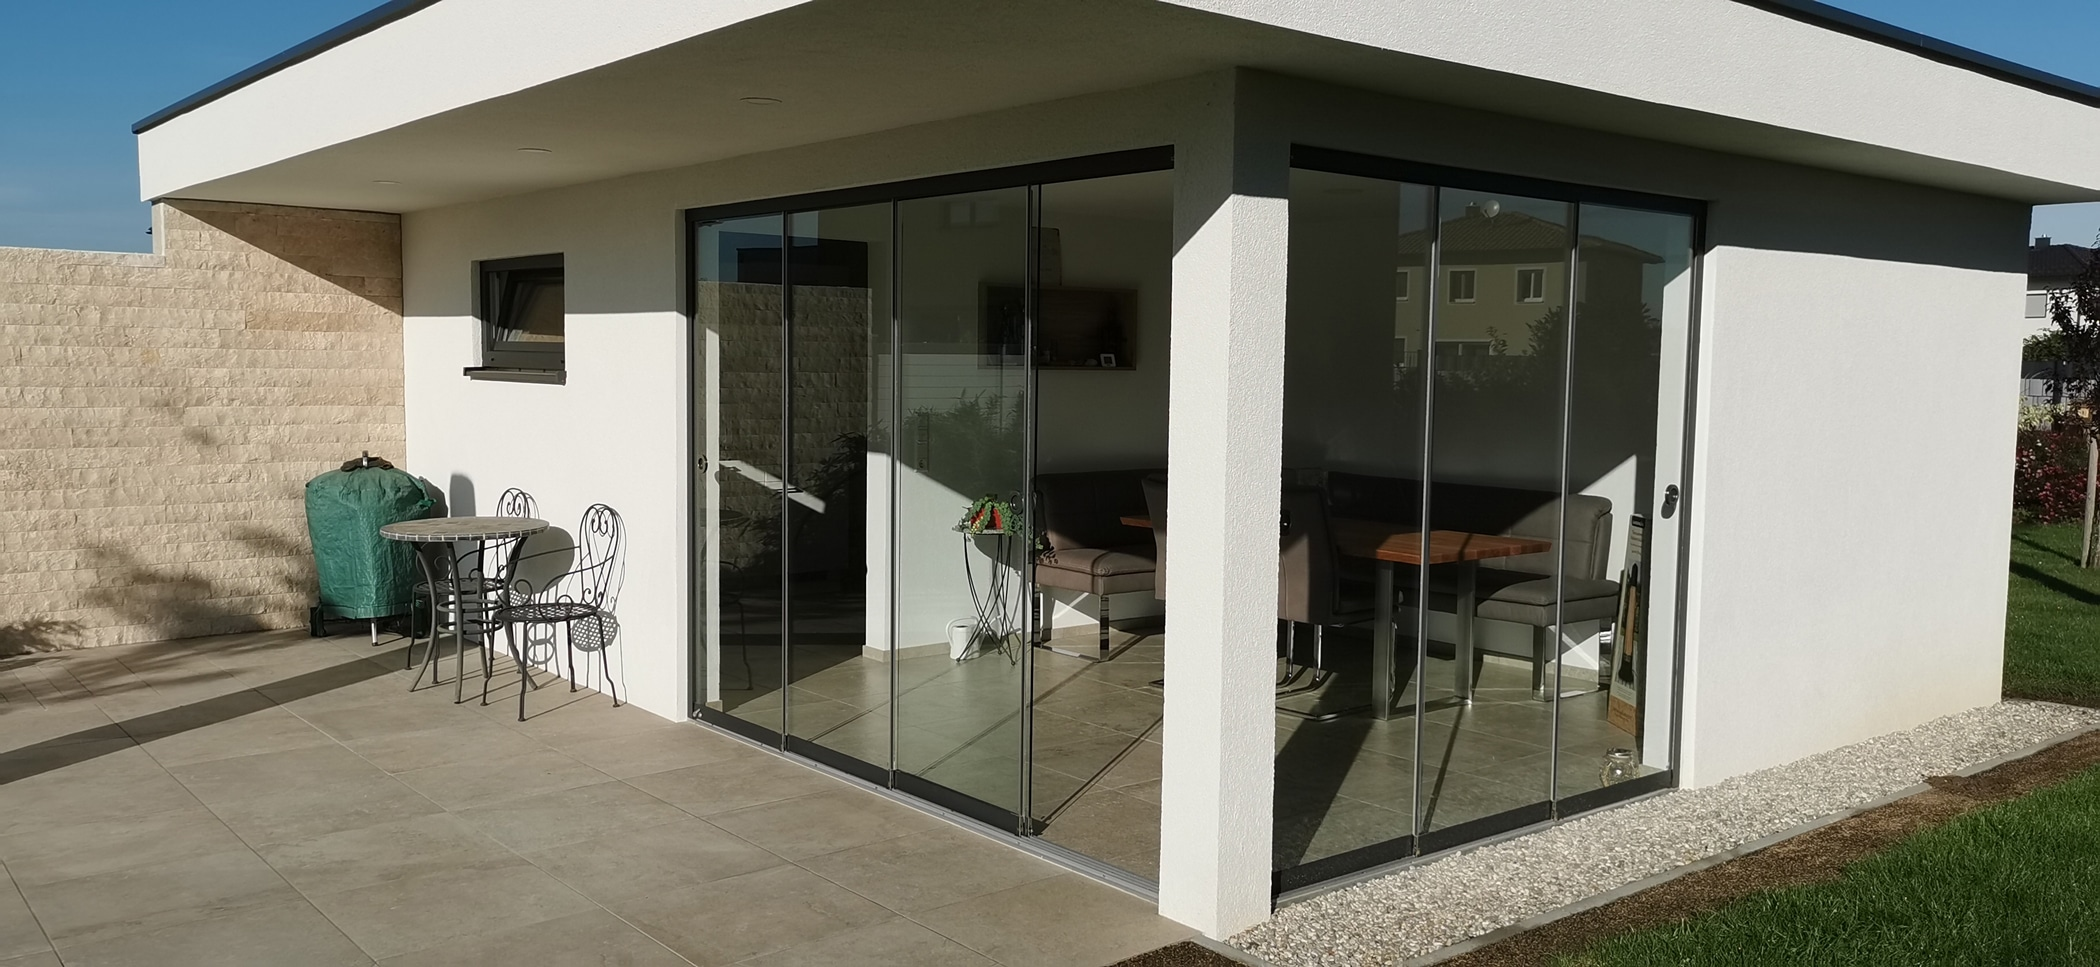 Gartenhaus Flachdach Glasschiebetüren